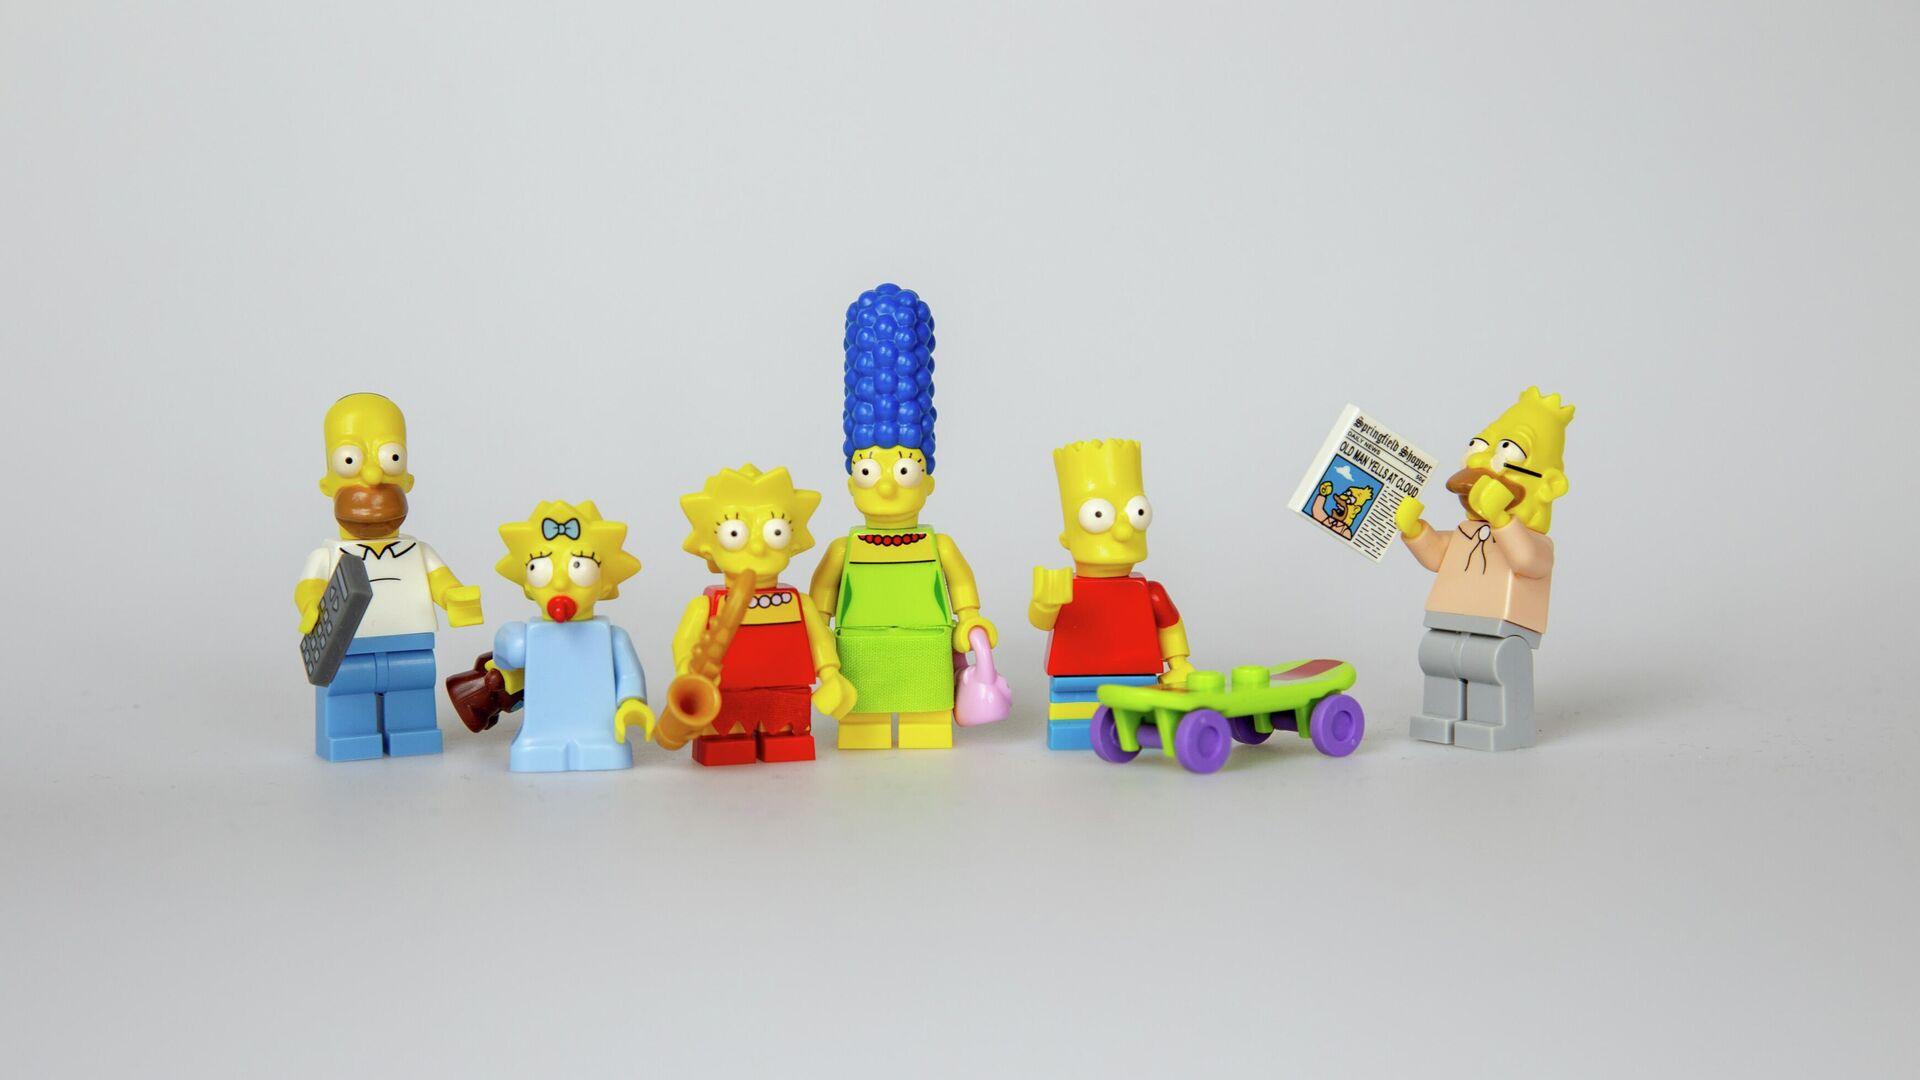 Unos muñecos de los personajes de 'Los Simpson'  - Sputnik Mundo, 1920, 24.04.2021